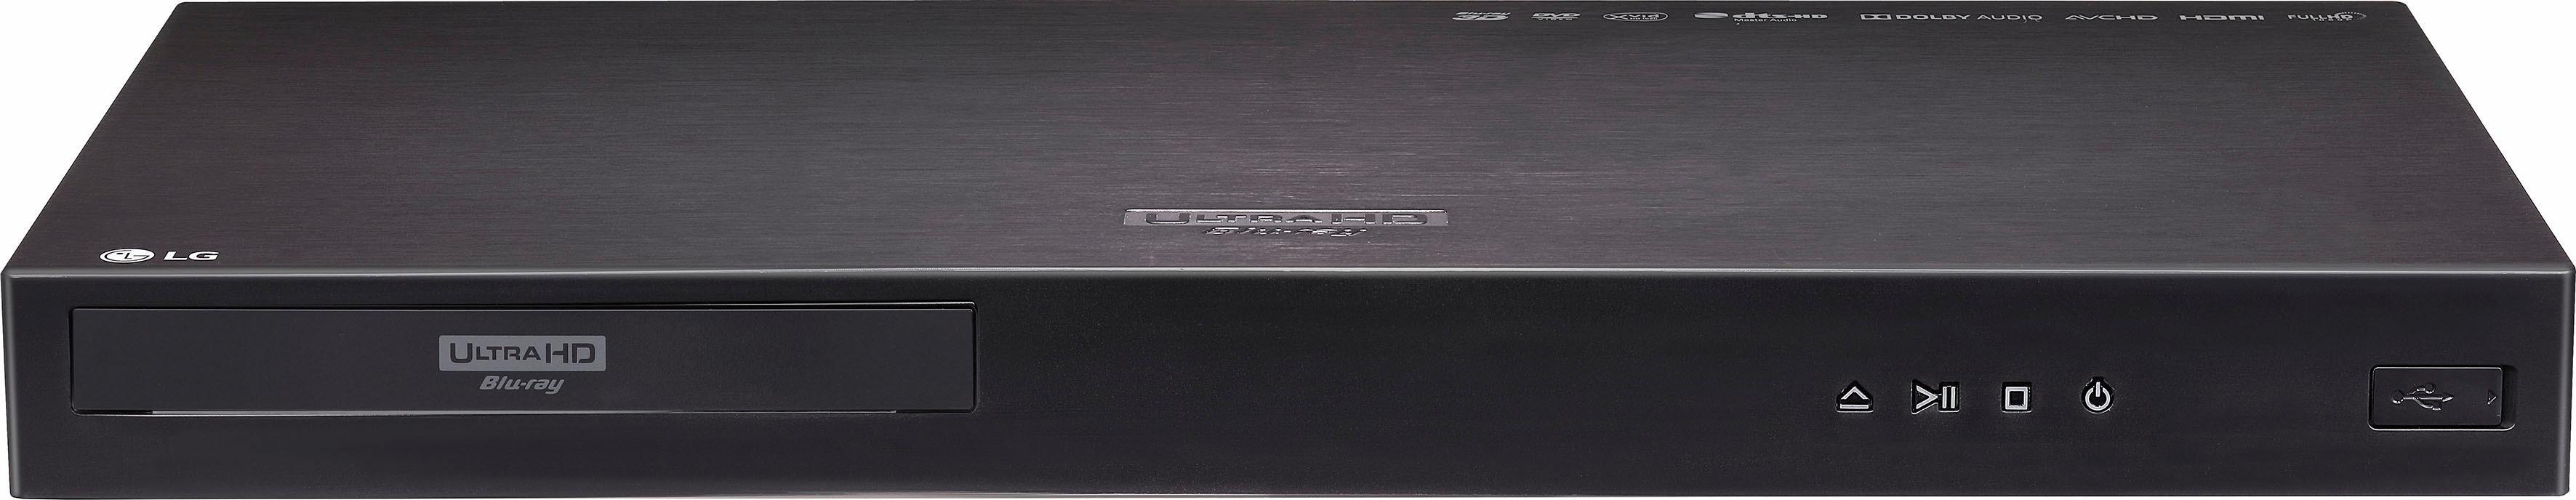 LG UP970 blu-ray-speler, 3D-ready, 4K (Ultra HD), WLAN in de webshop van OTTO kopen